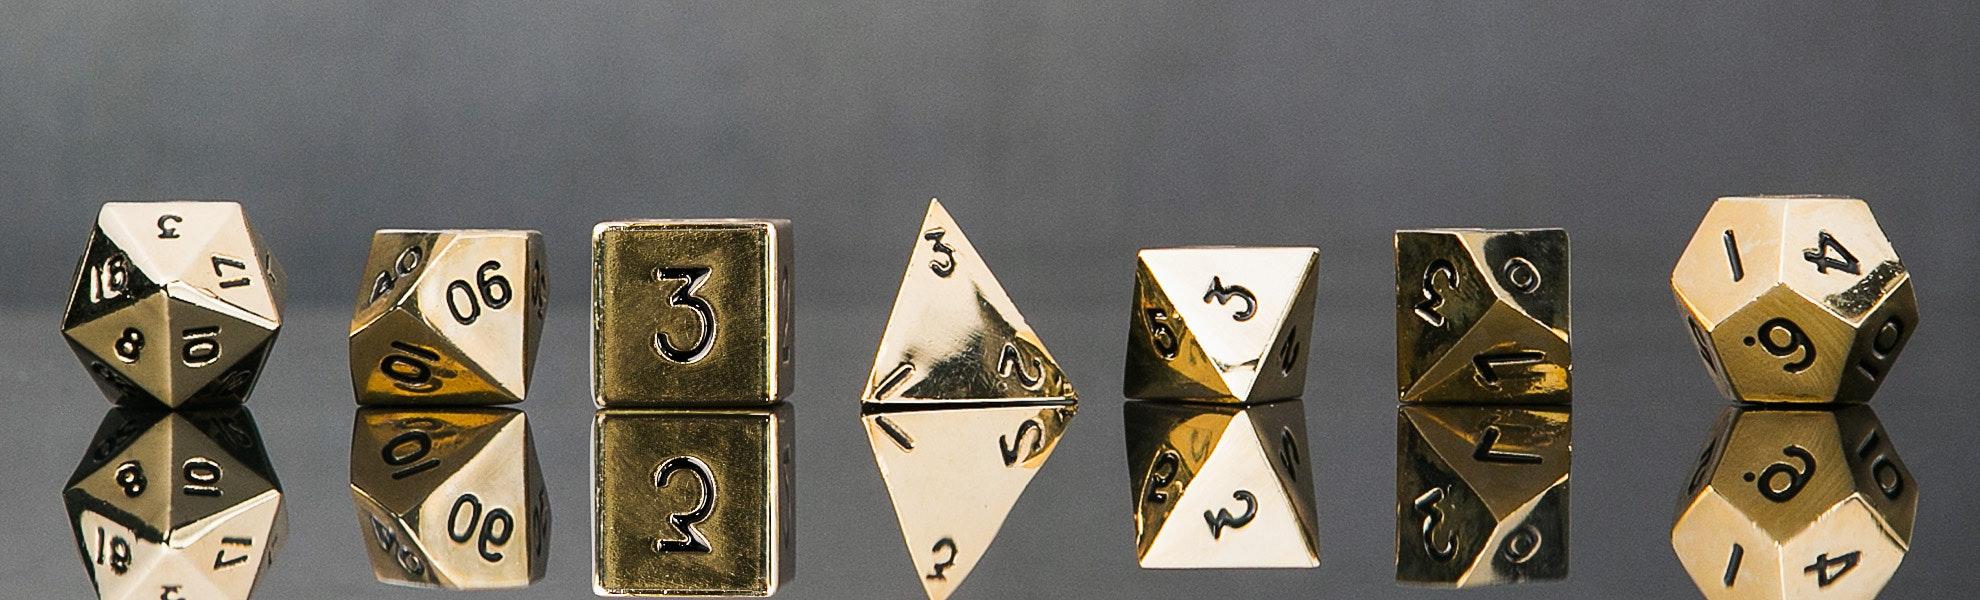 Metallic Gold Polyhedral Dice Set